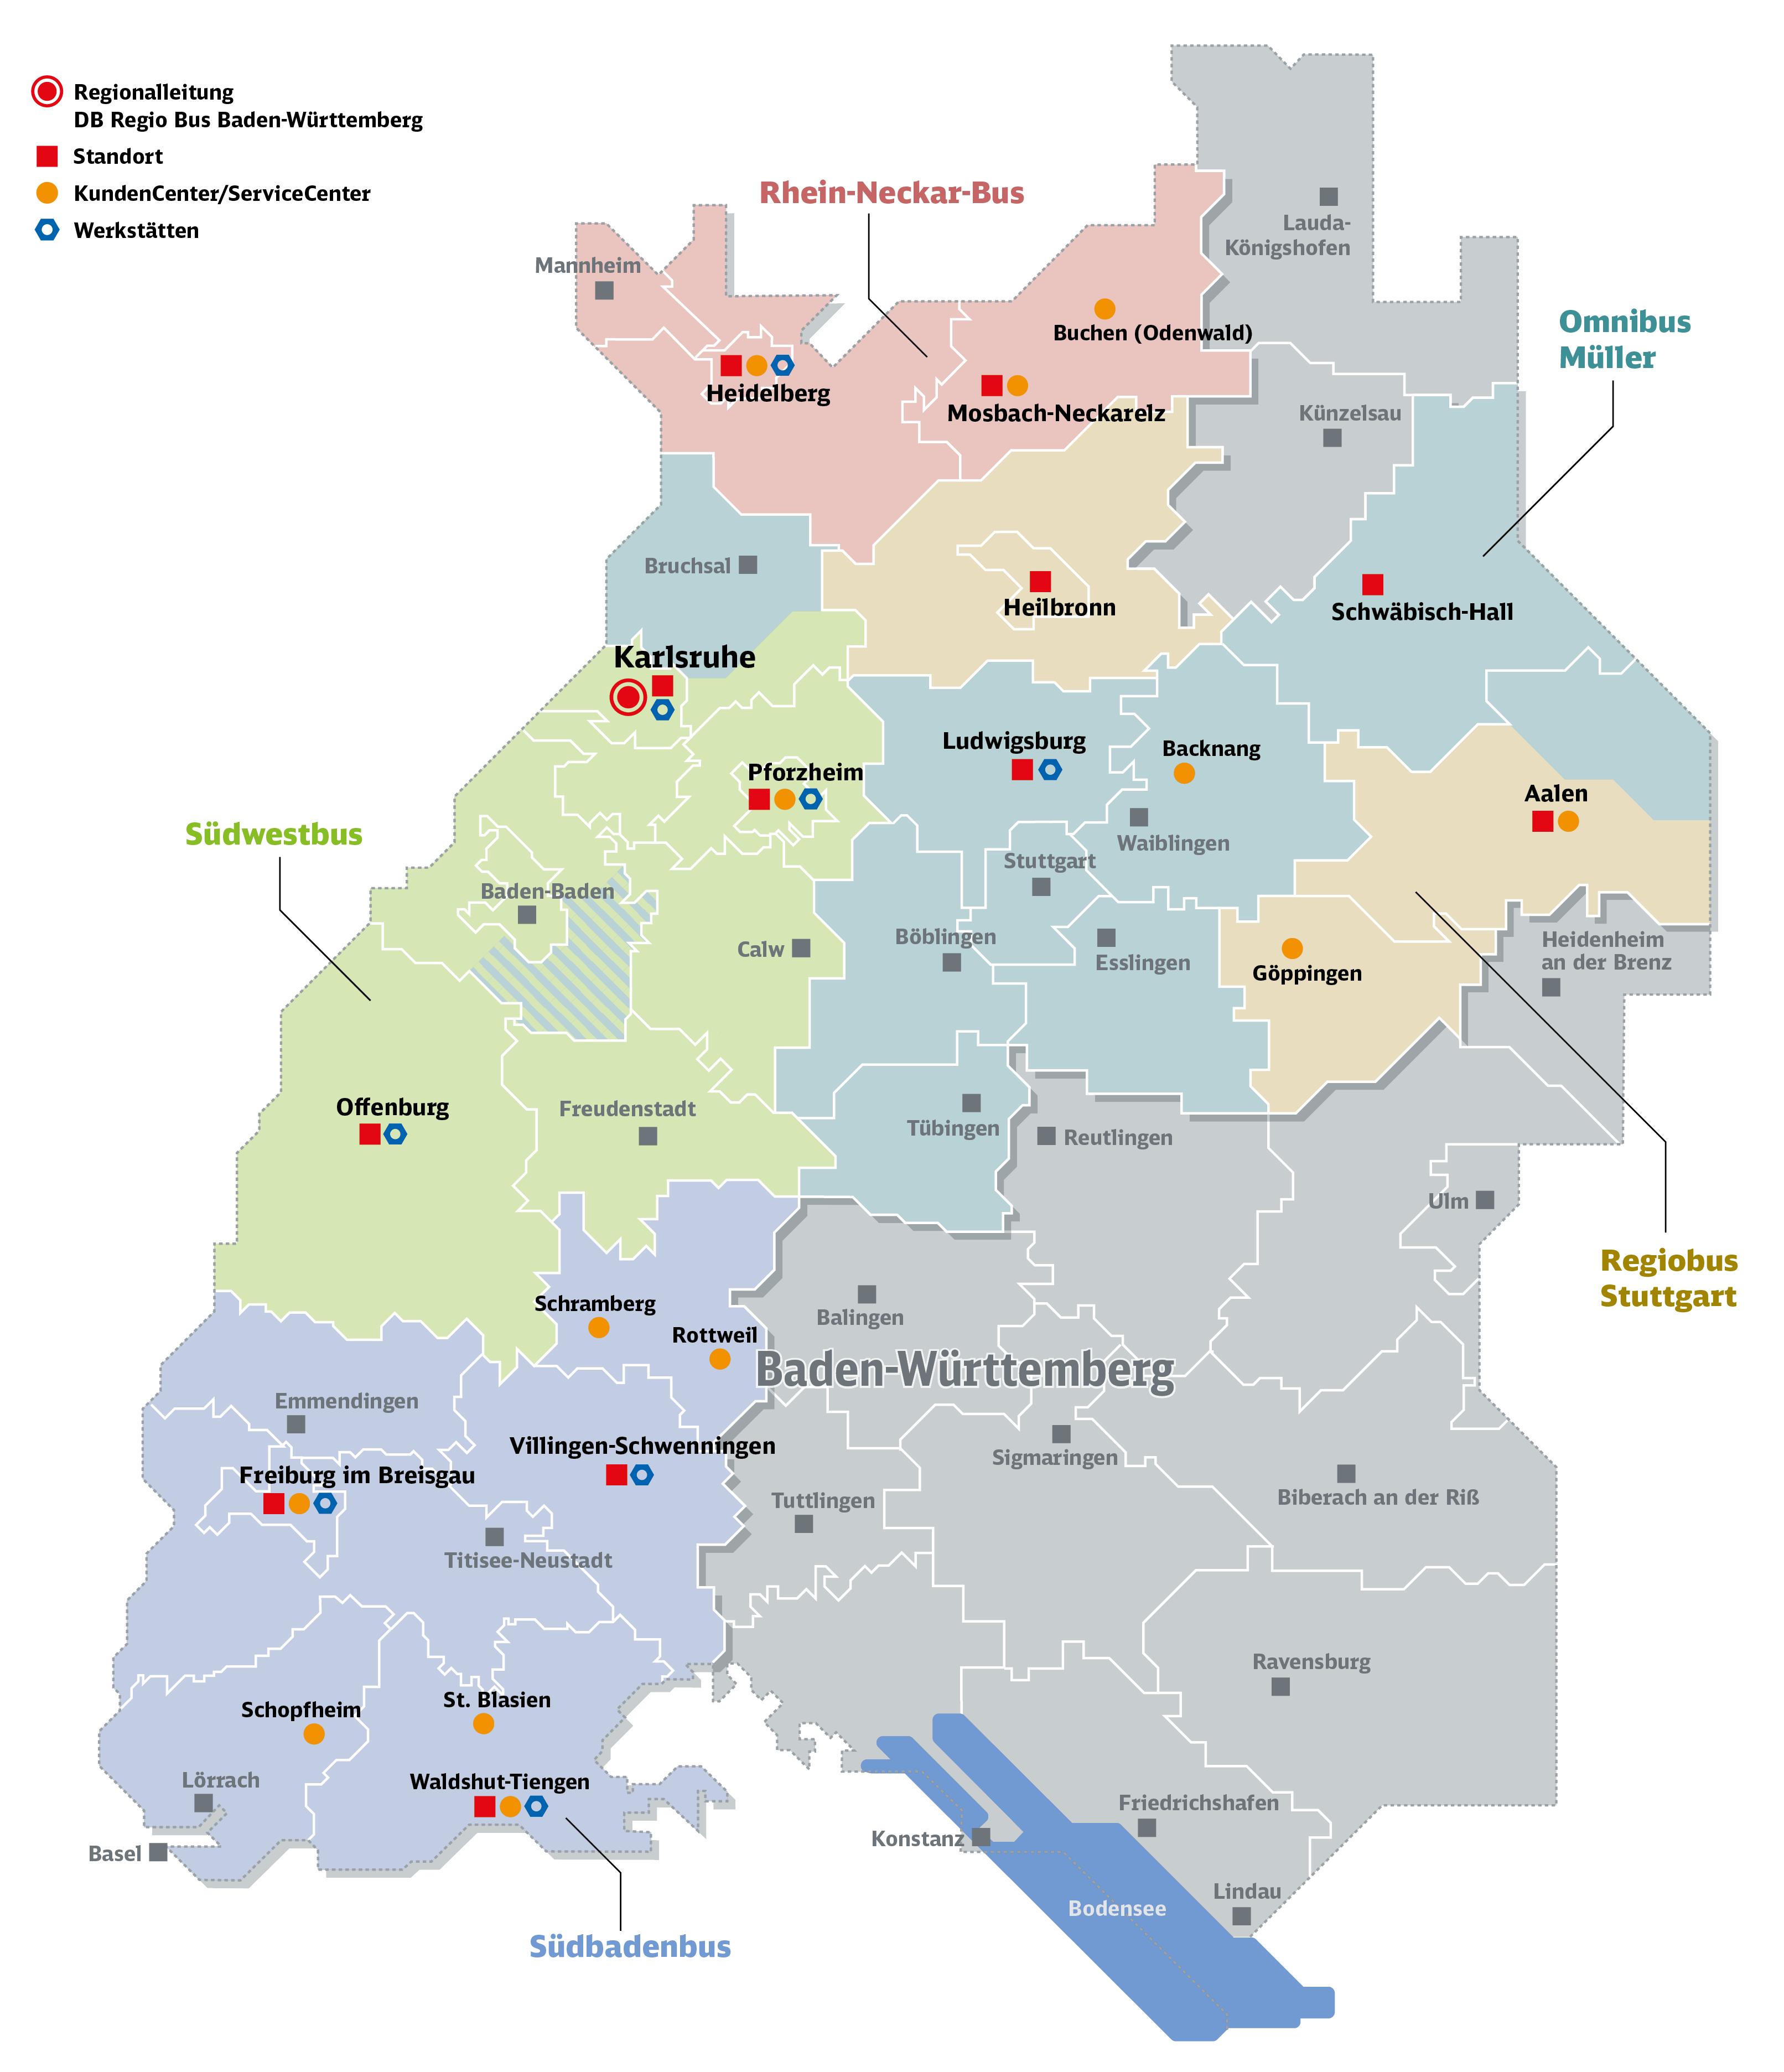 Übersichtskarte der Regionender einzelnen Busgesellschaften der DB Regiobus Baden-Württemberg